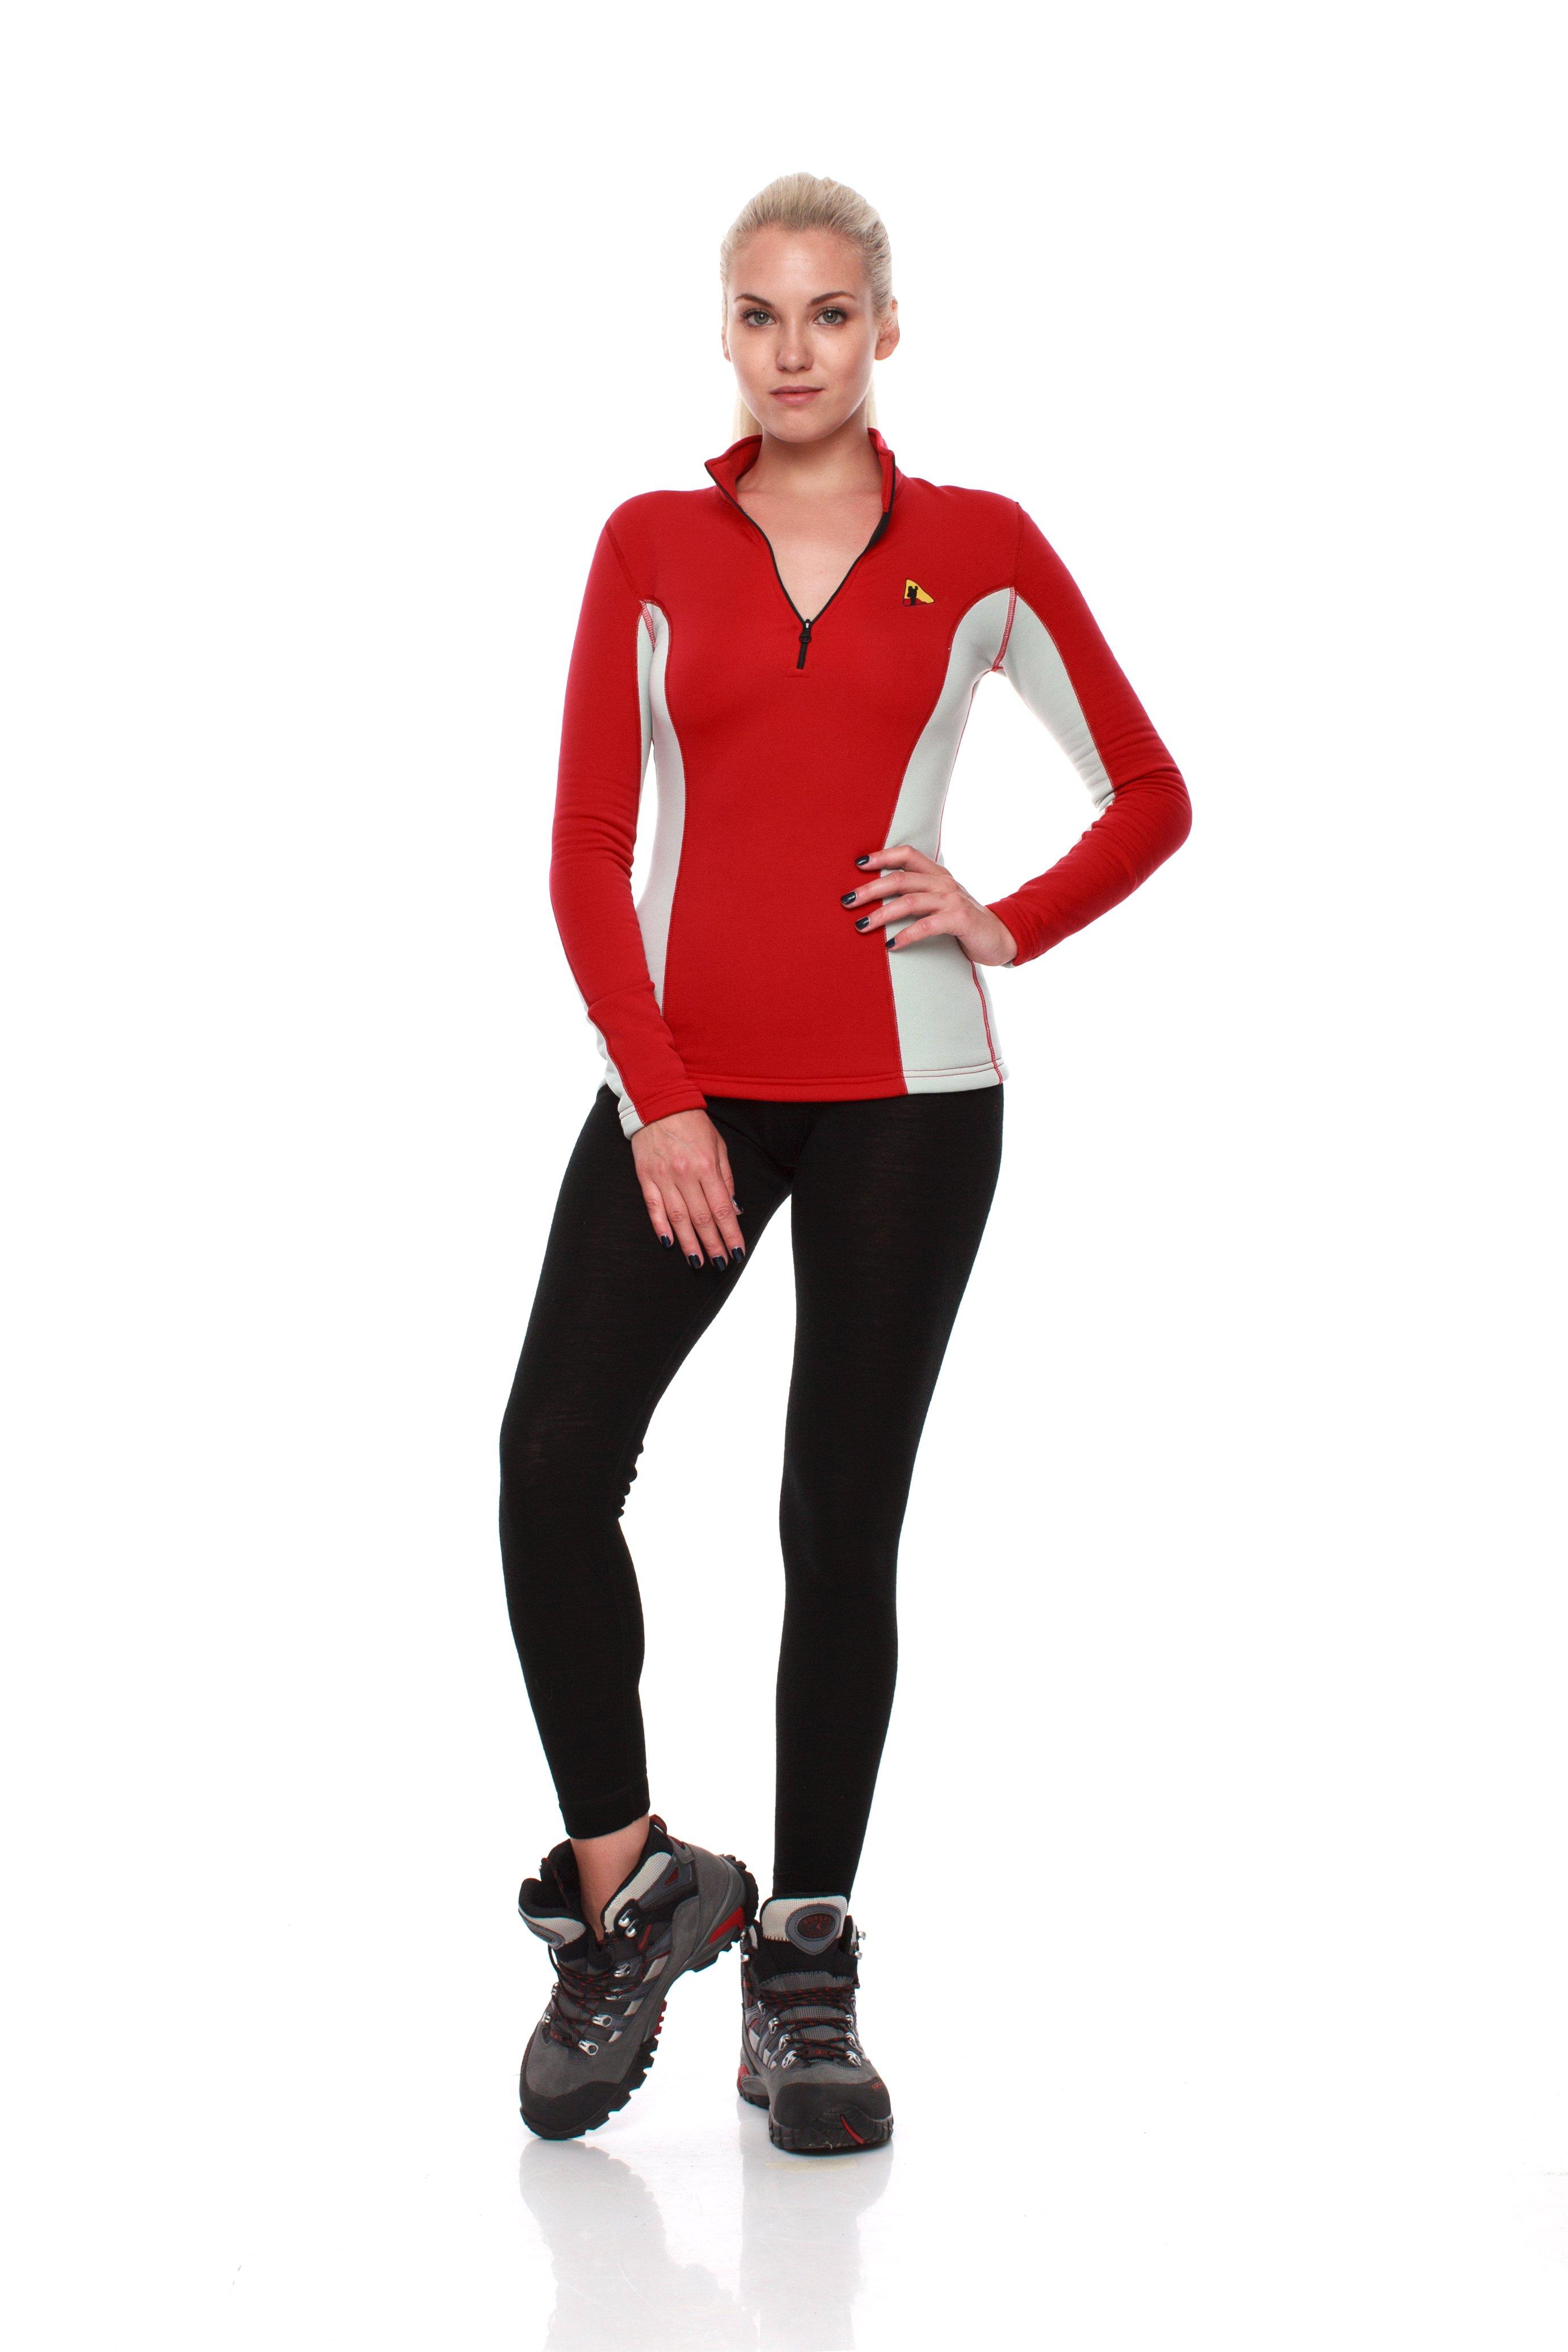 Куртка BASK T-SKIN LADY JACKET 3603Женская куртка с короткой молнией из ткани Polartec® Power Stretch® Pro.<br><br>Вес изделия: 195<br>Воротник: Да<br>Материал: Polartec® Power Stretch® Pro<br>Молнии: Да<br>Пол: Жен.<br>Тип шва: плоский<br>Функциональная задняя молния: Нет<br>Размер INT: XS<br>Цвет: СЕРЫЙ